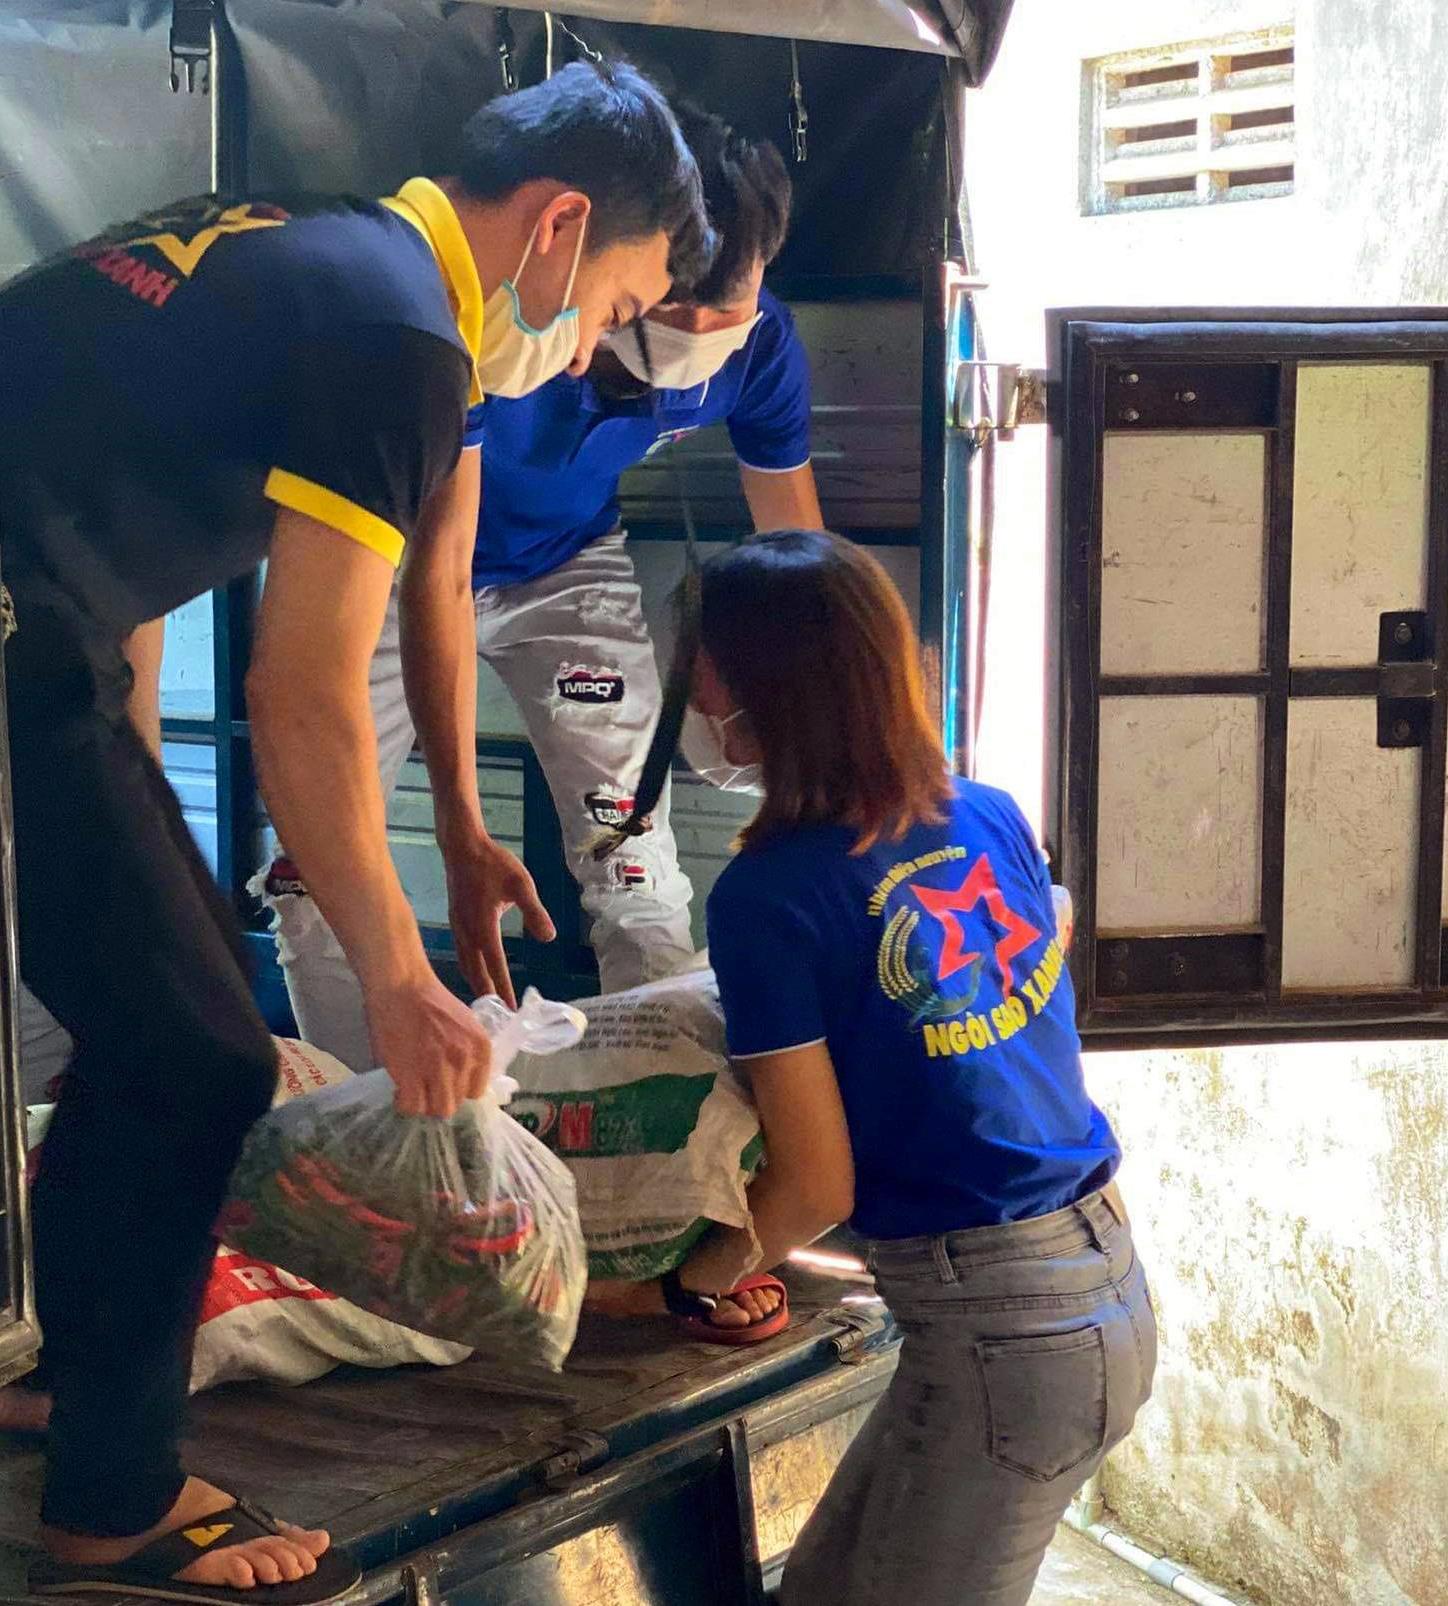 Các thành viên nhóm thiện nguyện Ngôi Sao Xanh bốc hàng lên xe chuẩn bị chuyển vào TP.Hồ Chí Minh. Ảnh: P.L